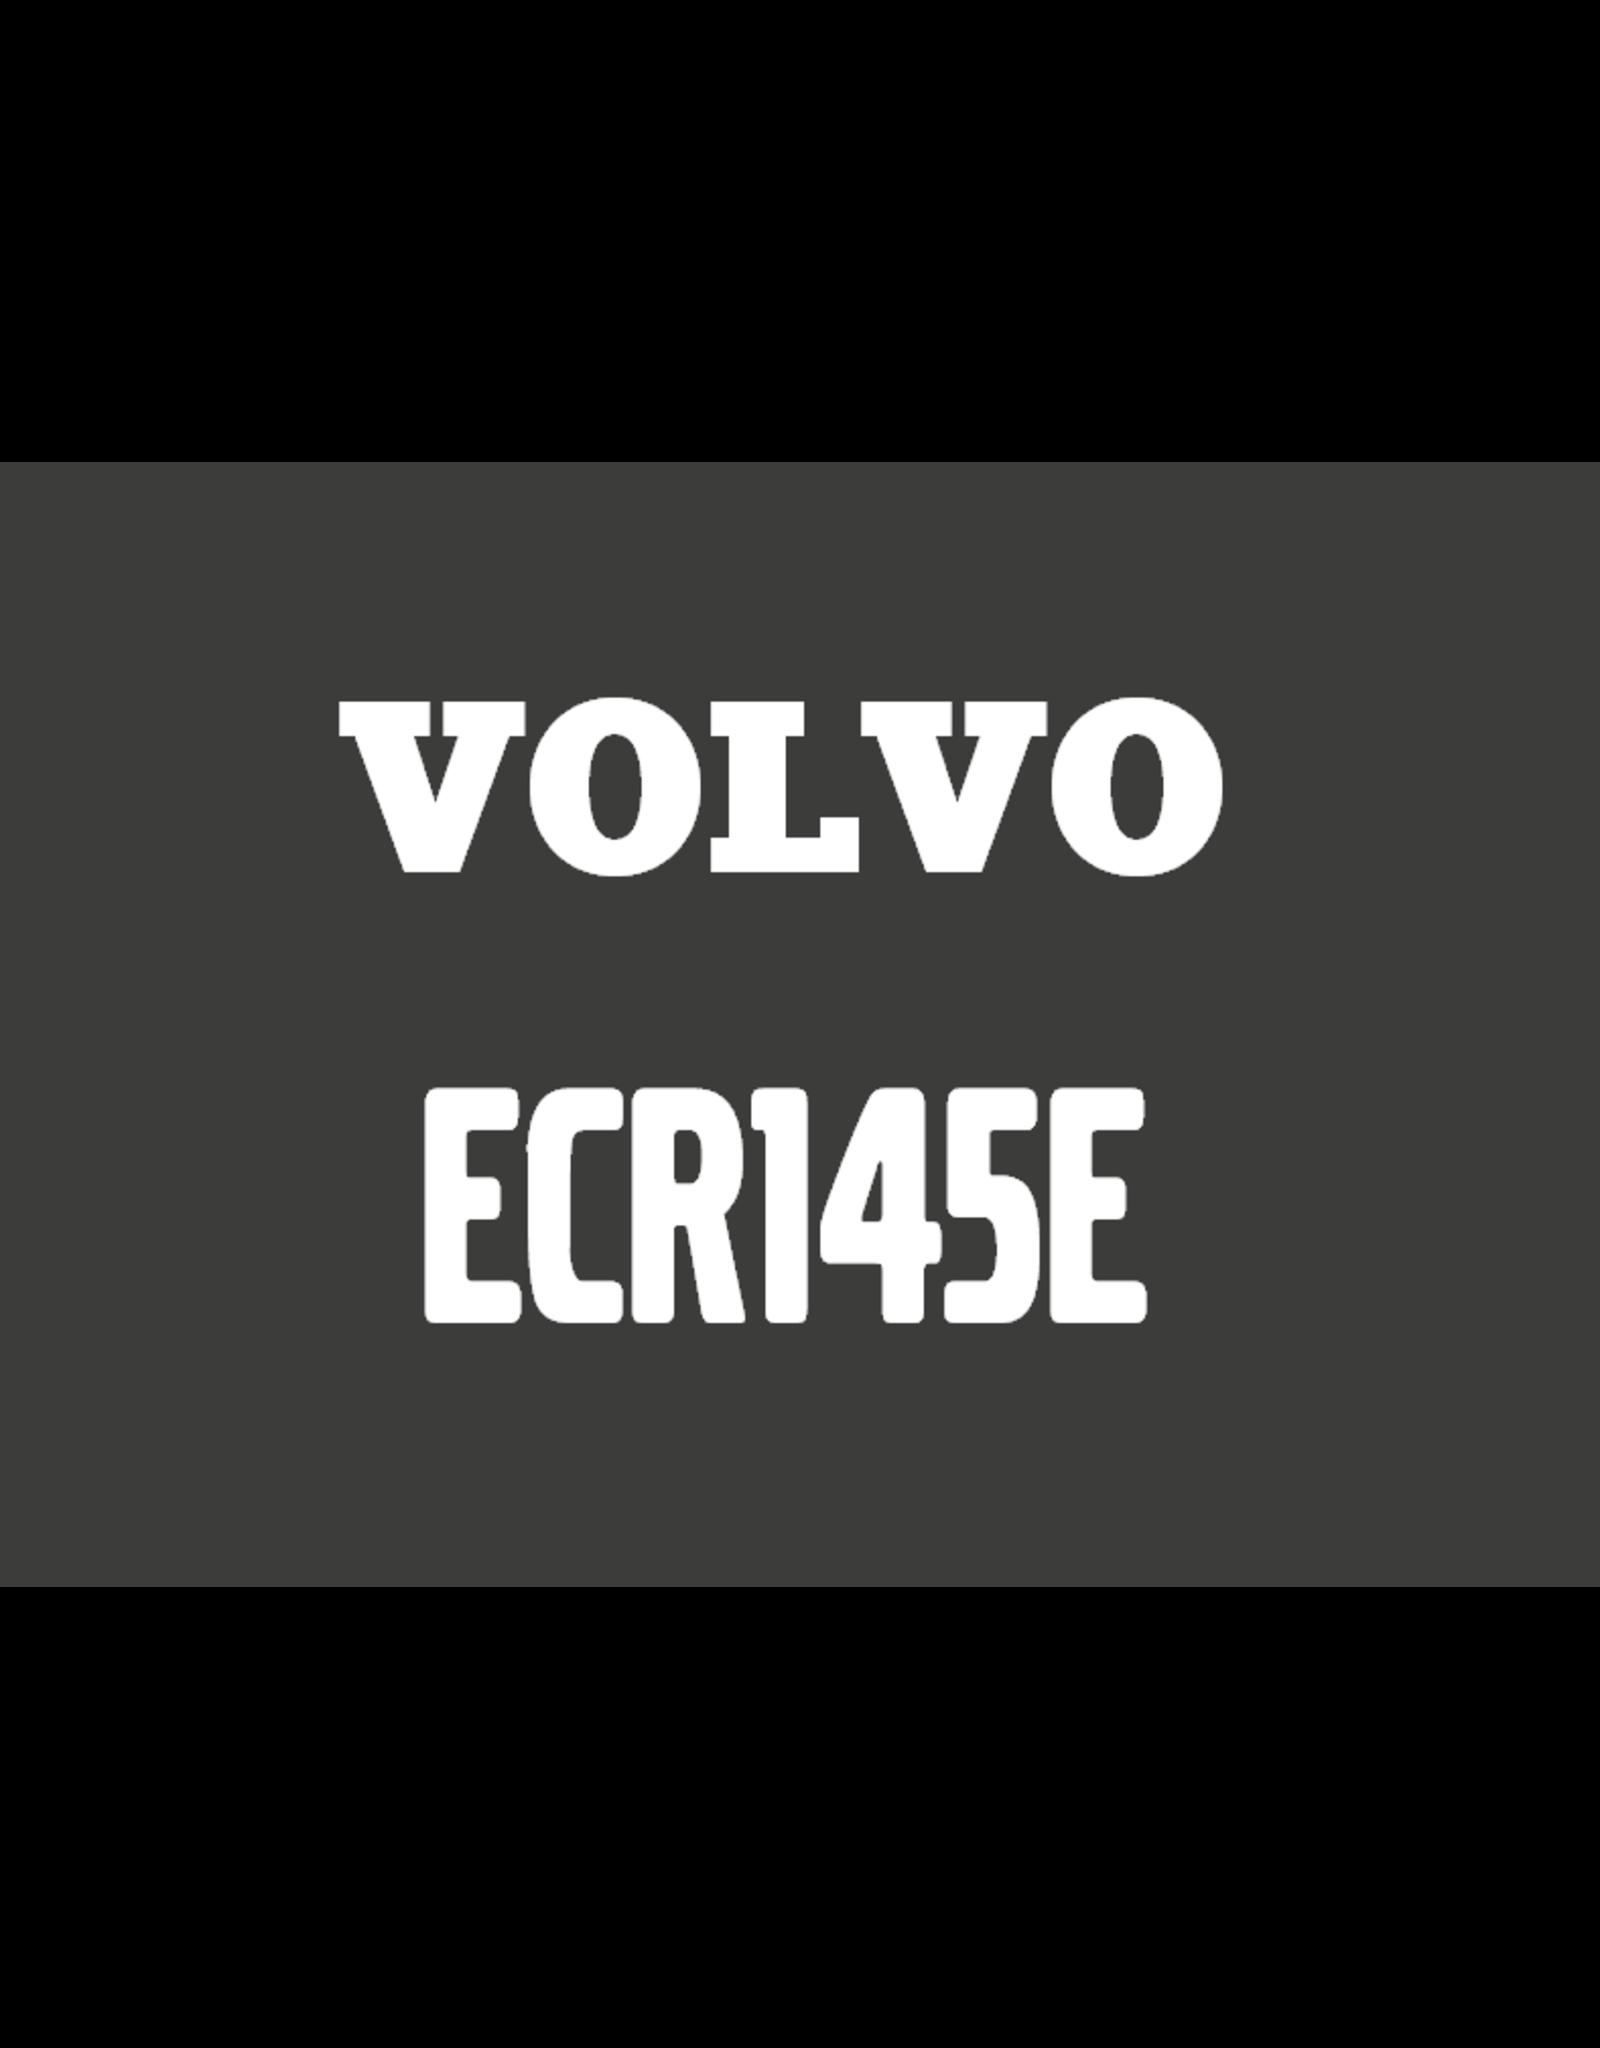 Echle Hartstahl GmbH FOPS for Volvo ECR145E